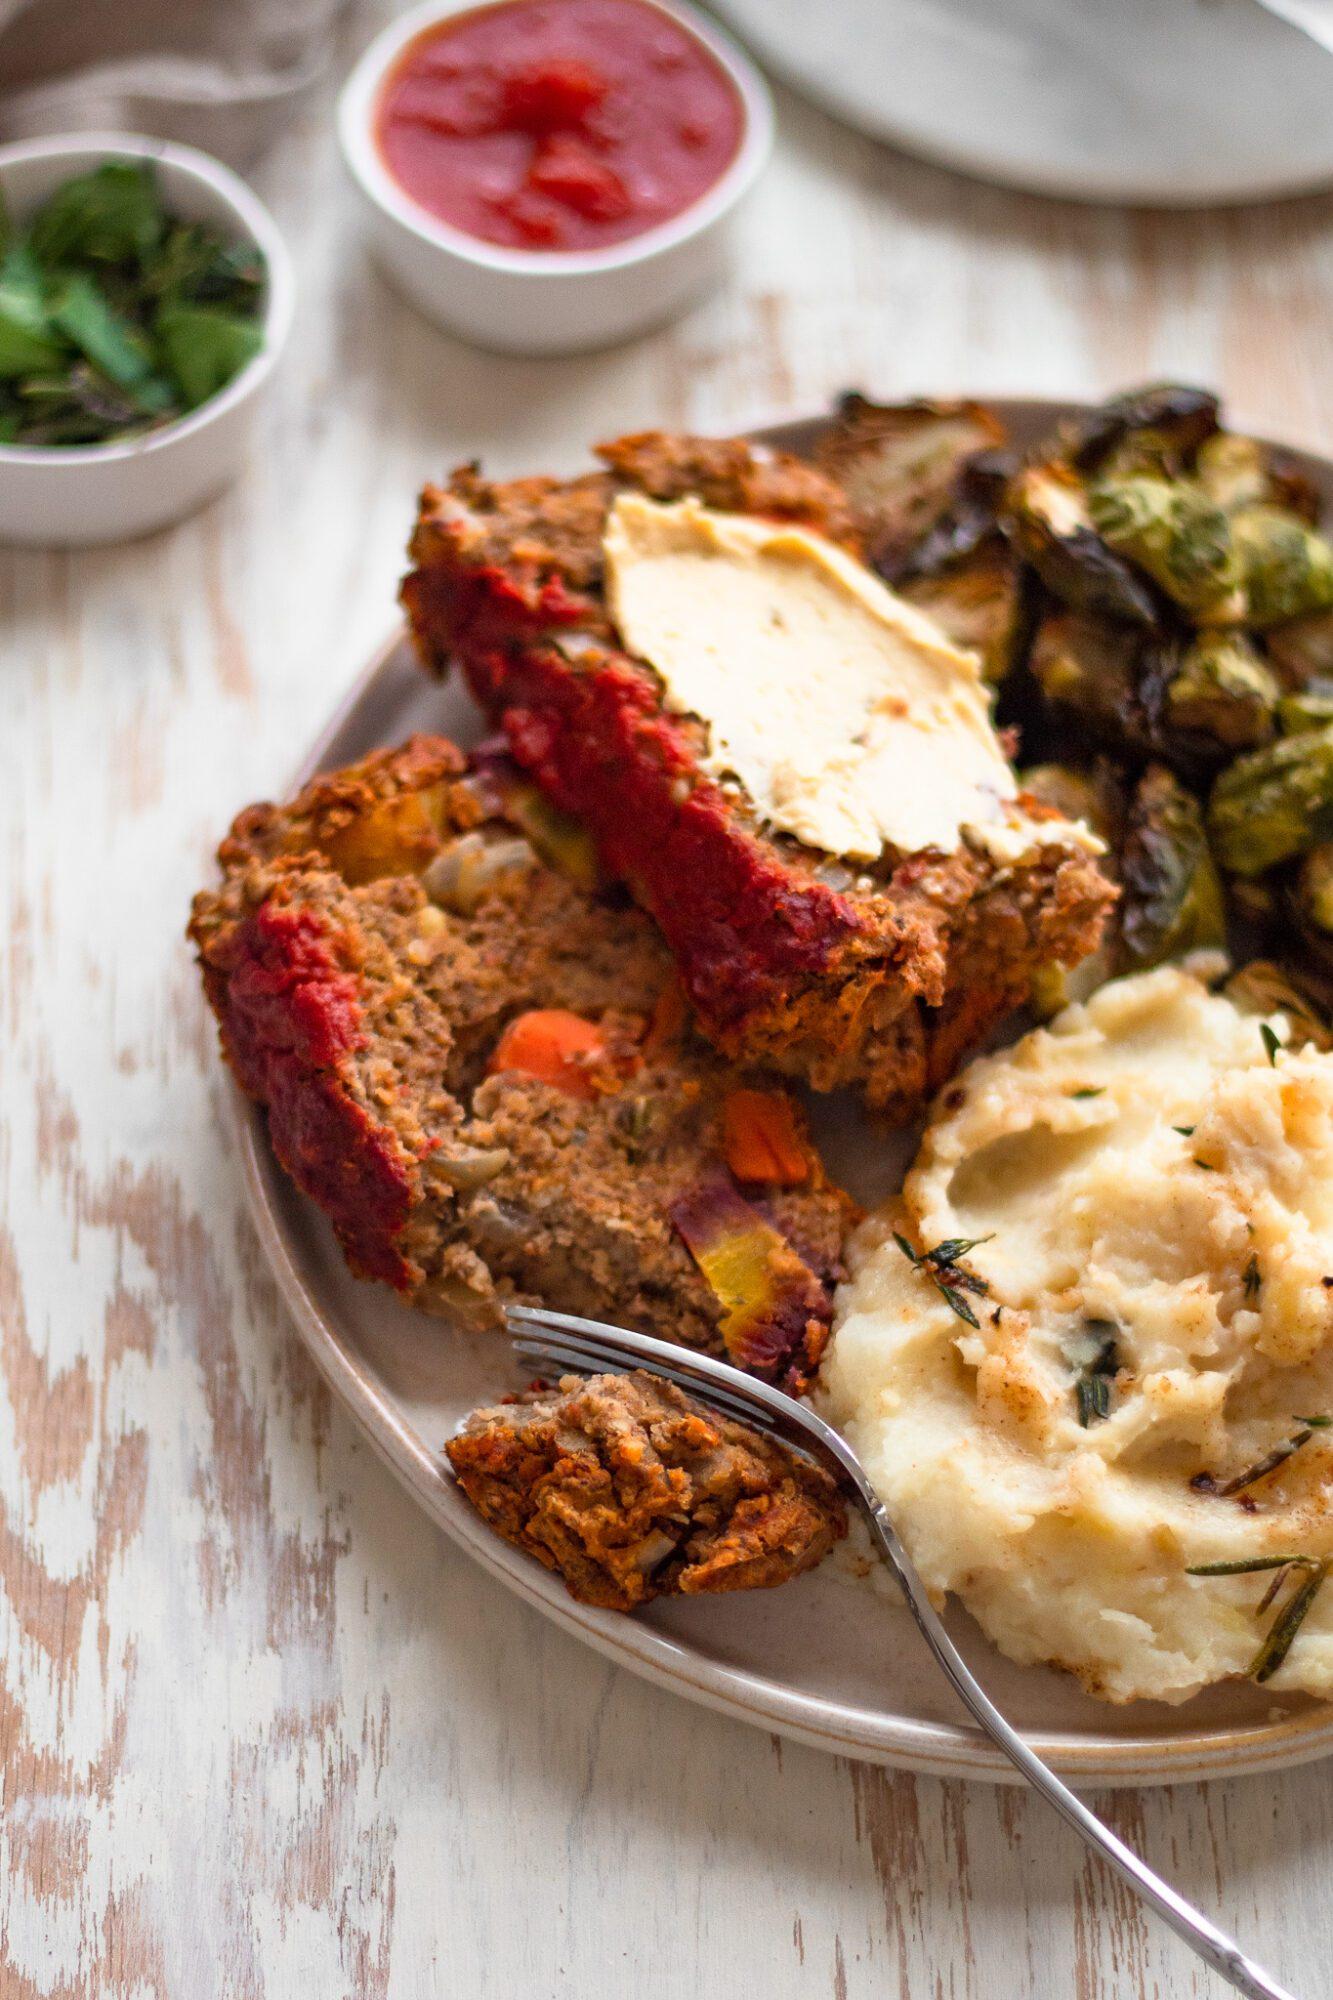 plate with lentil loaf